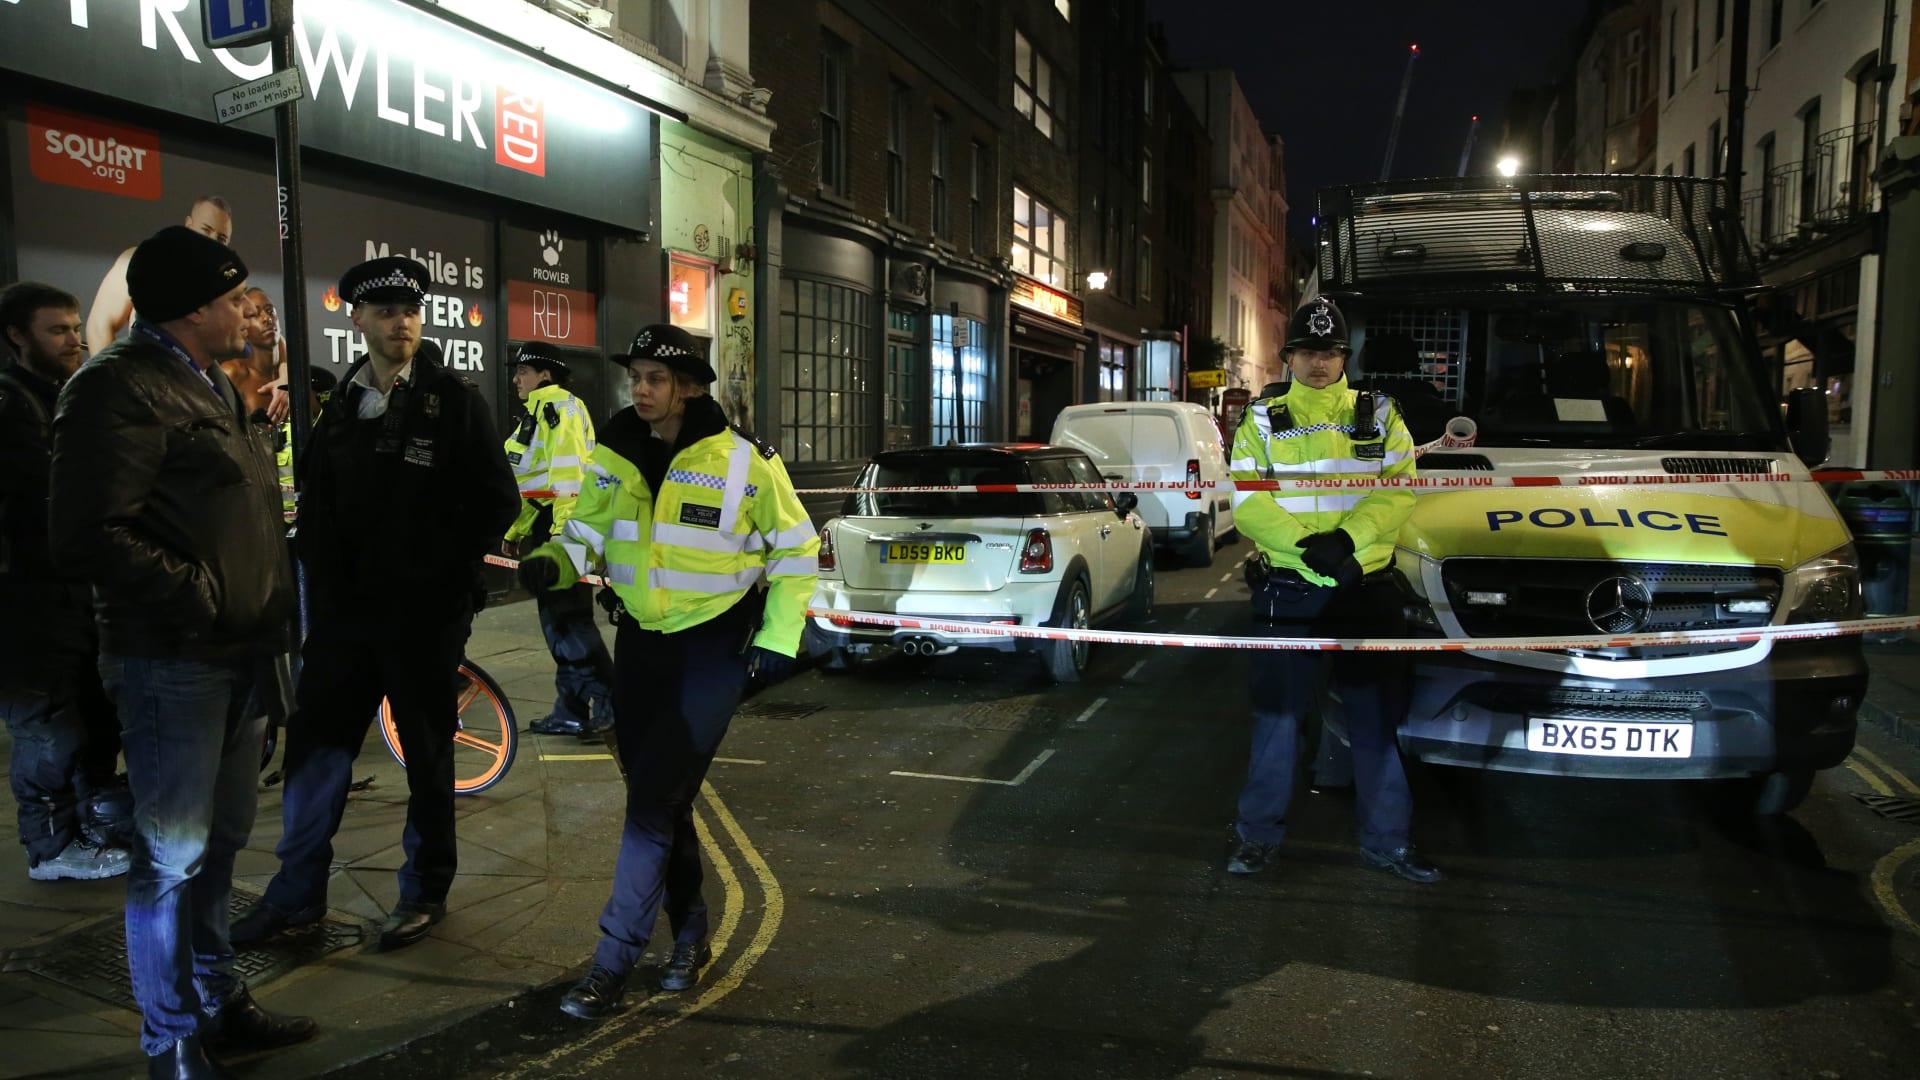 اللحظات الأولى لحادث الطعن في مسجد بوسط لندن